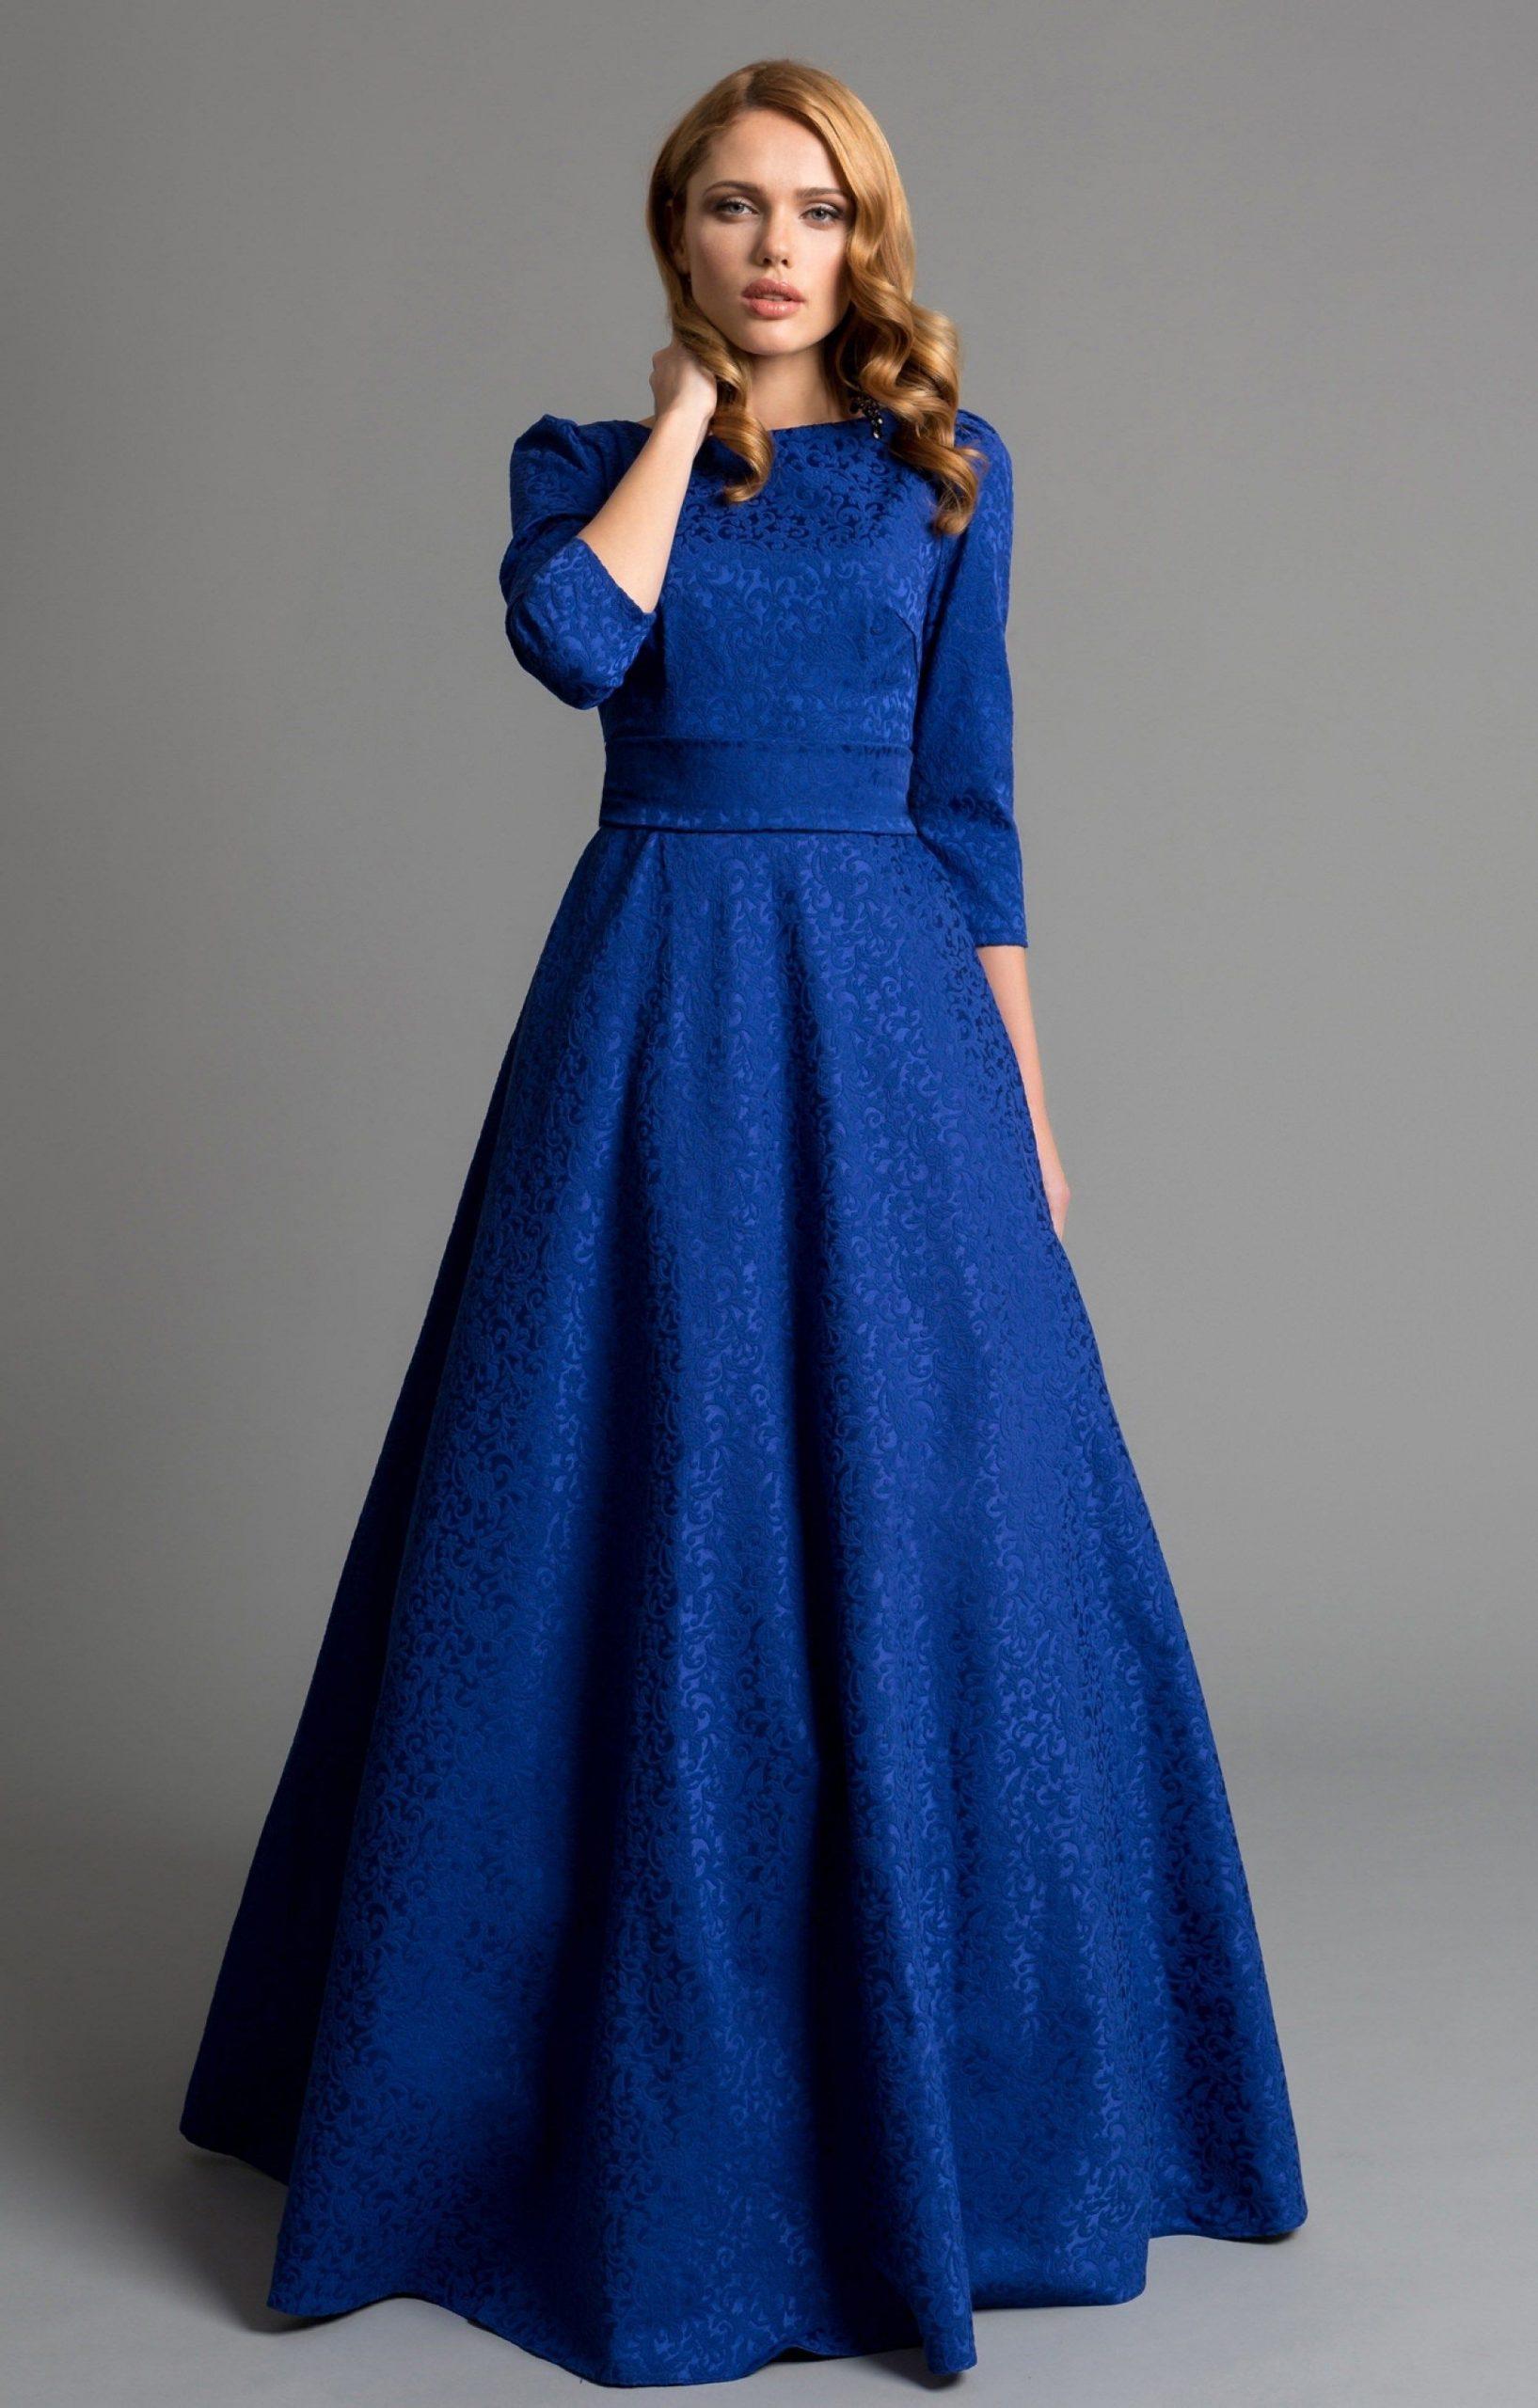 13 Top Maxi Abendkleider Mit Ärmel Stylish With Images